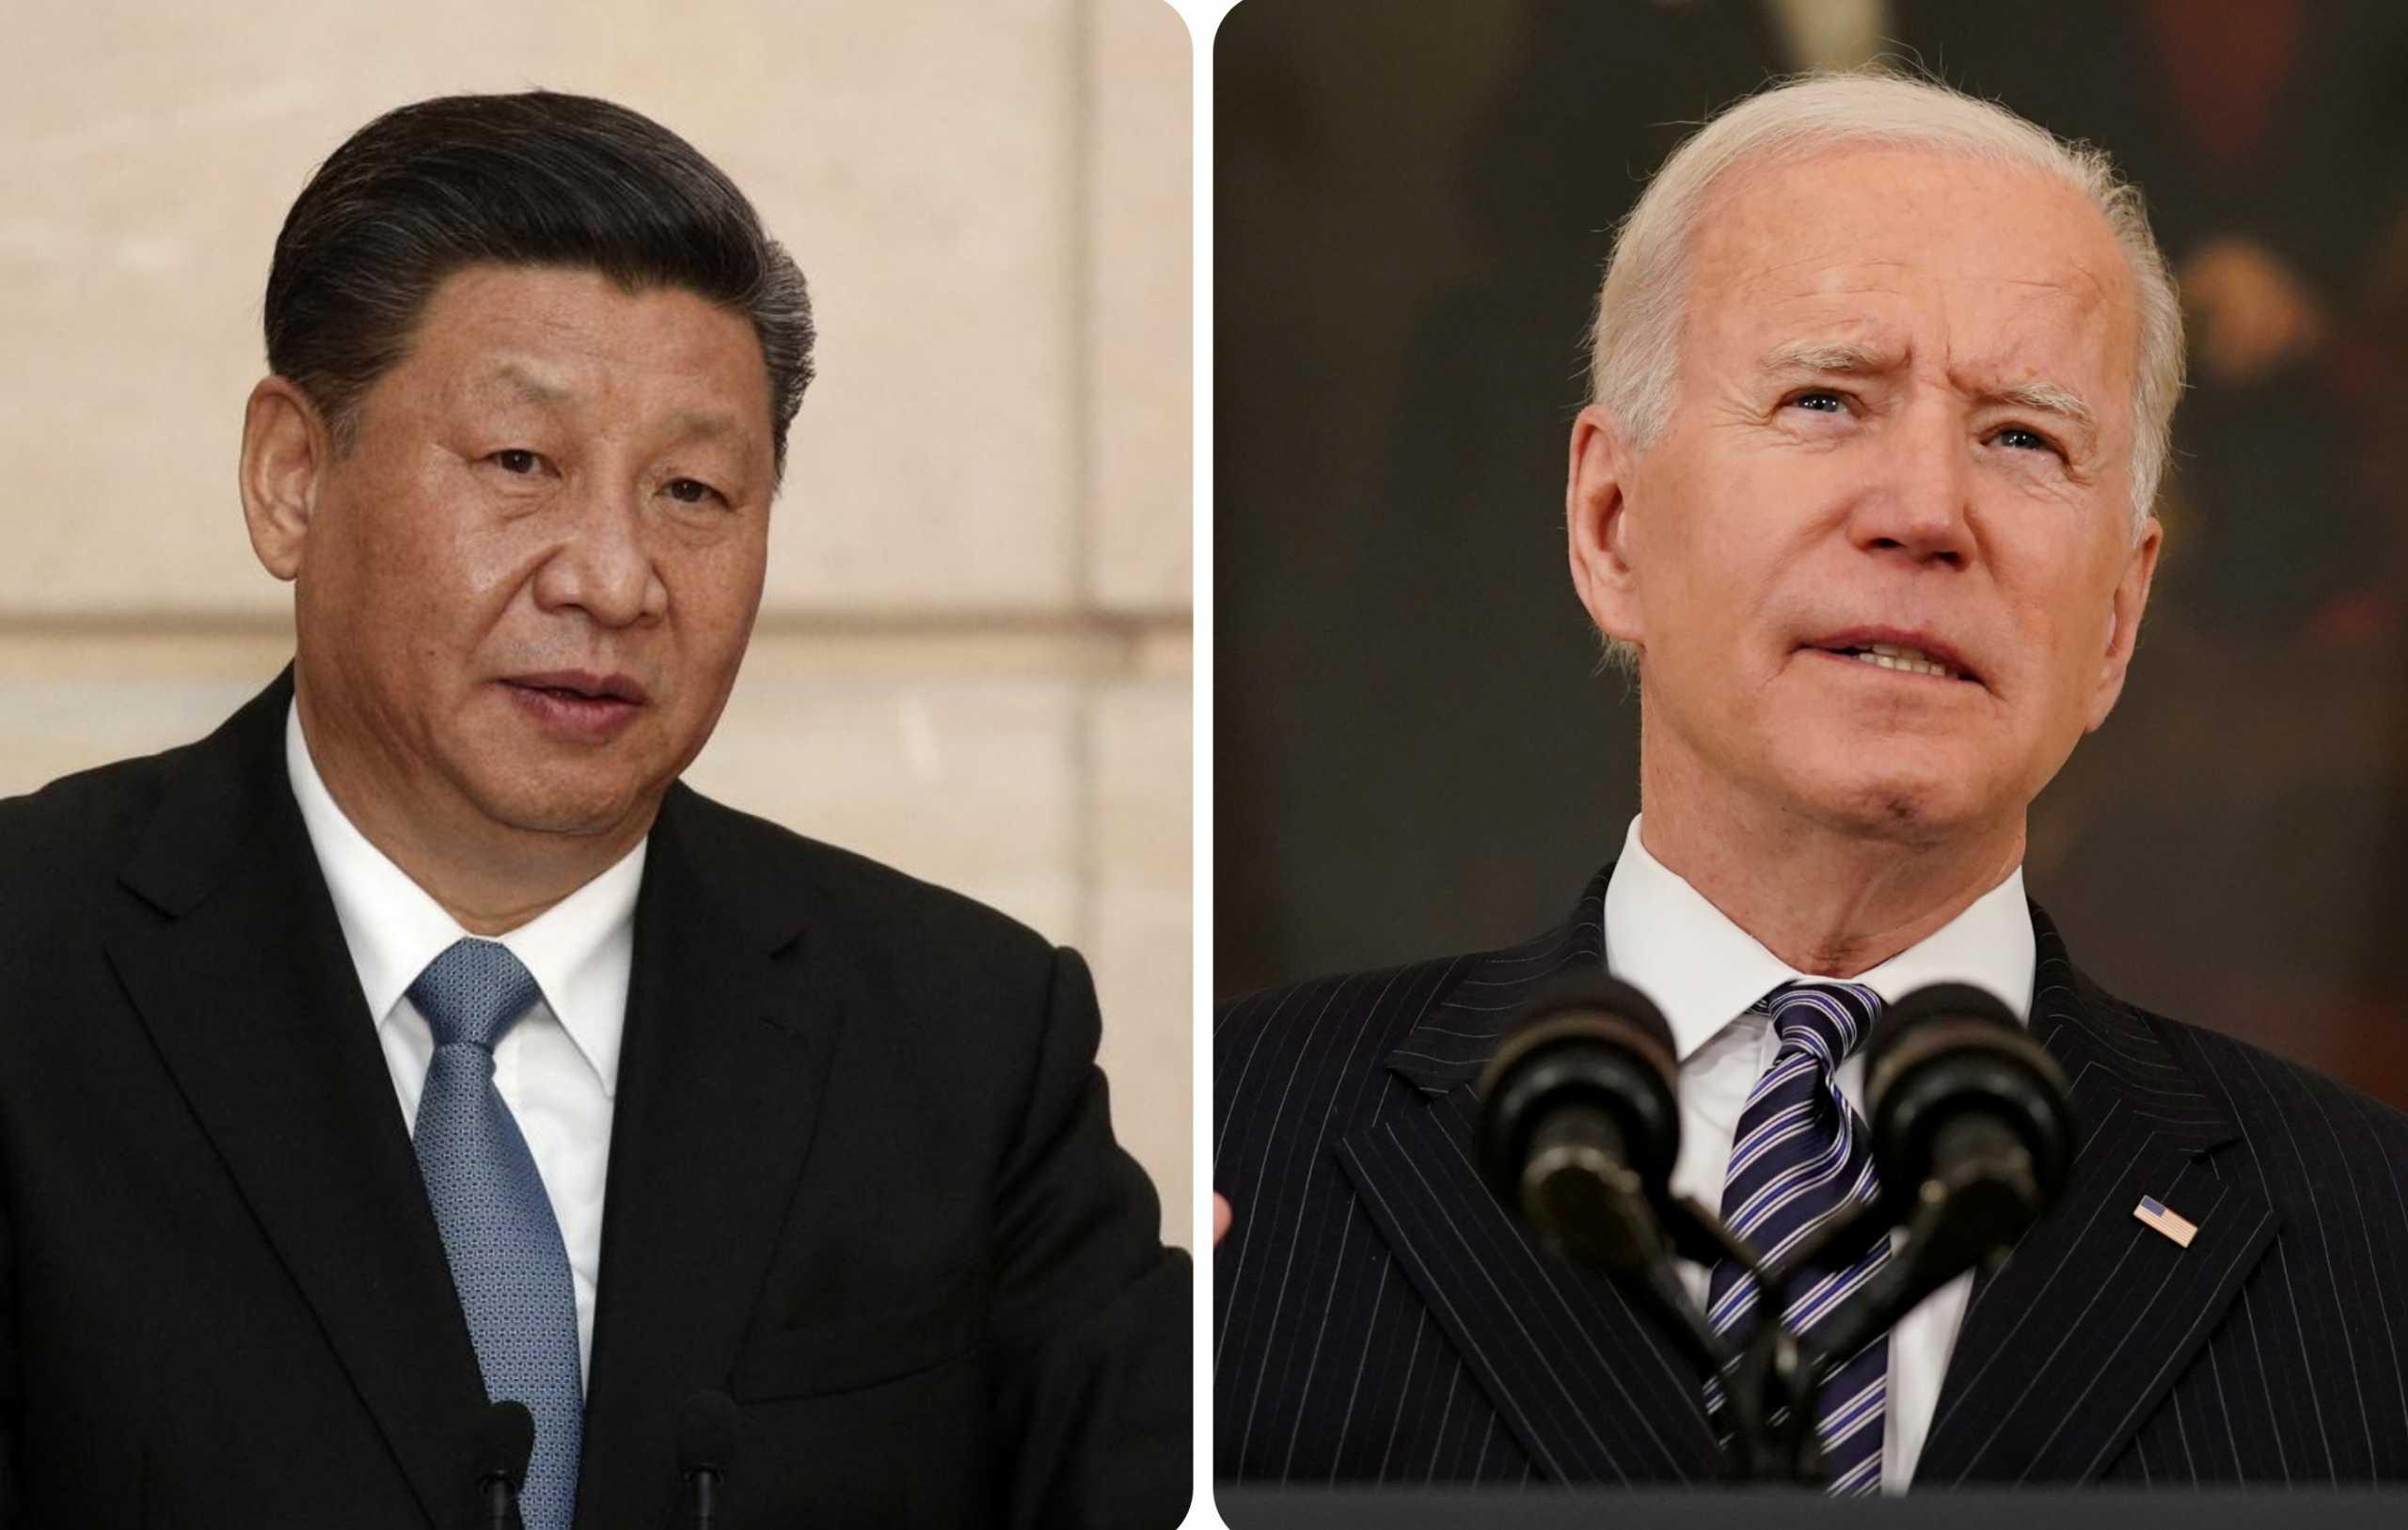 Τελικά… έφαγε «άκυρο» ο Μπάιντεν από τον Σι Τζινπινγκ ή όχι; Τα δημοσιεύματα και η διάψευση